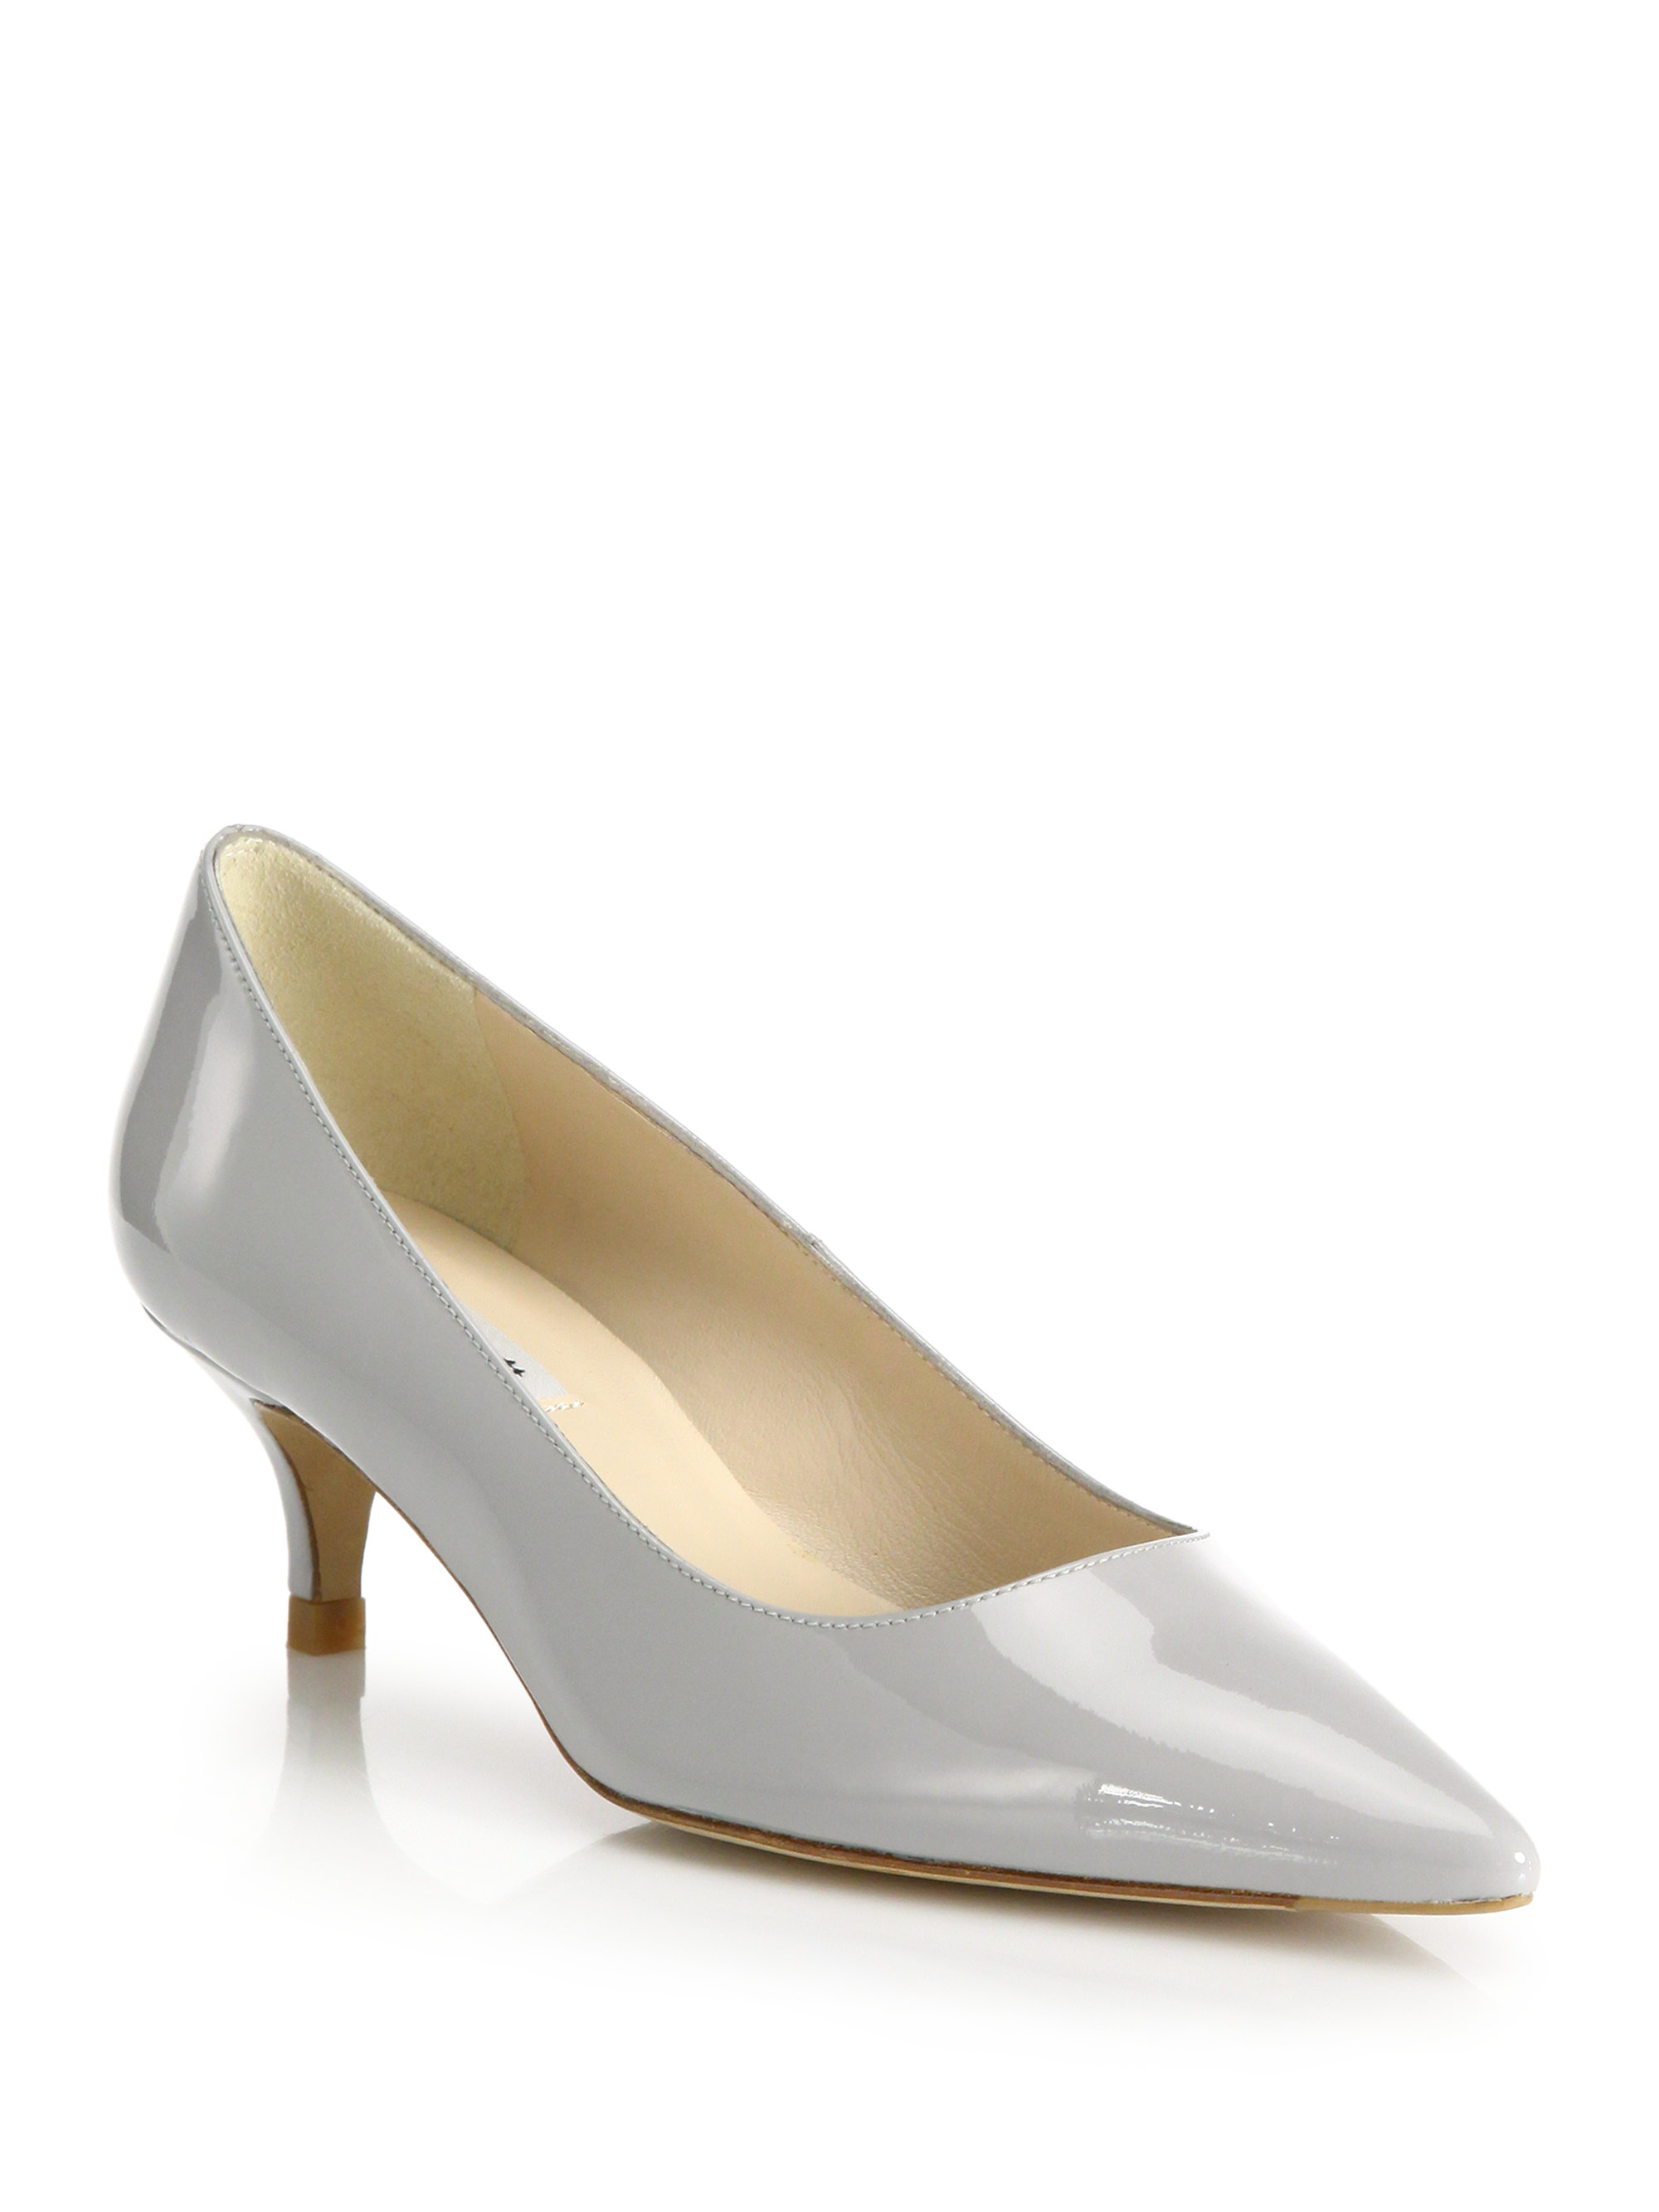 L.k.bennett Minu Patent Leather Kitten-heel Pumps in Gray | Lyst